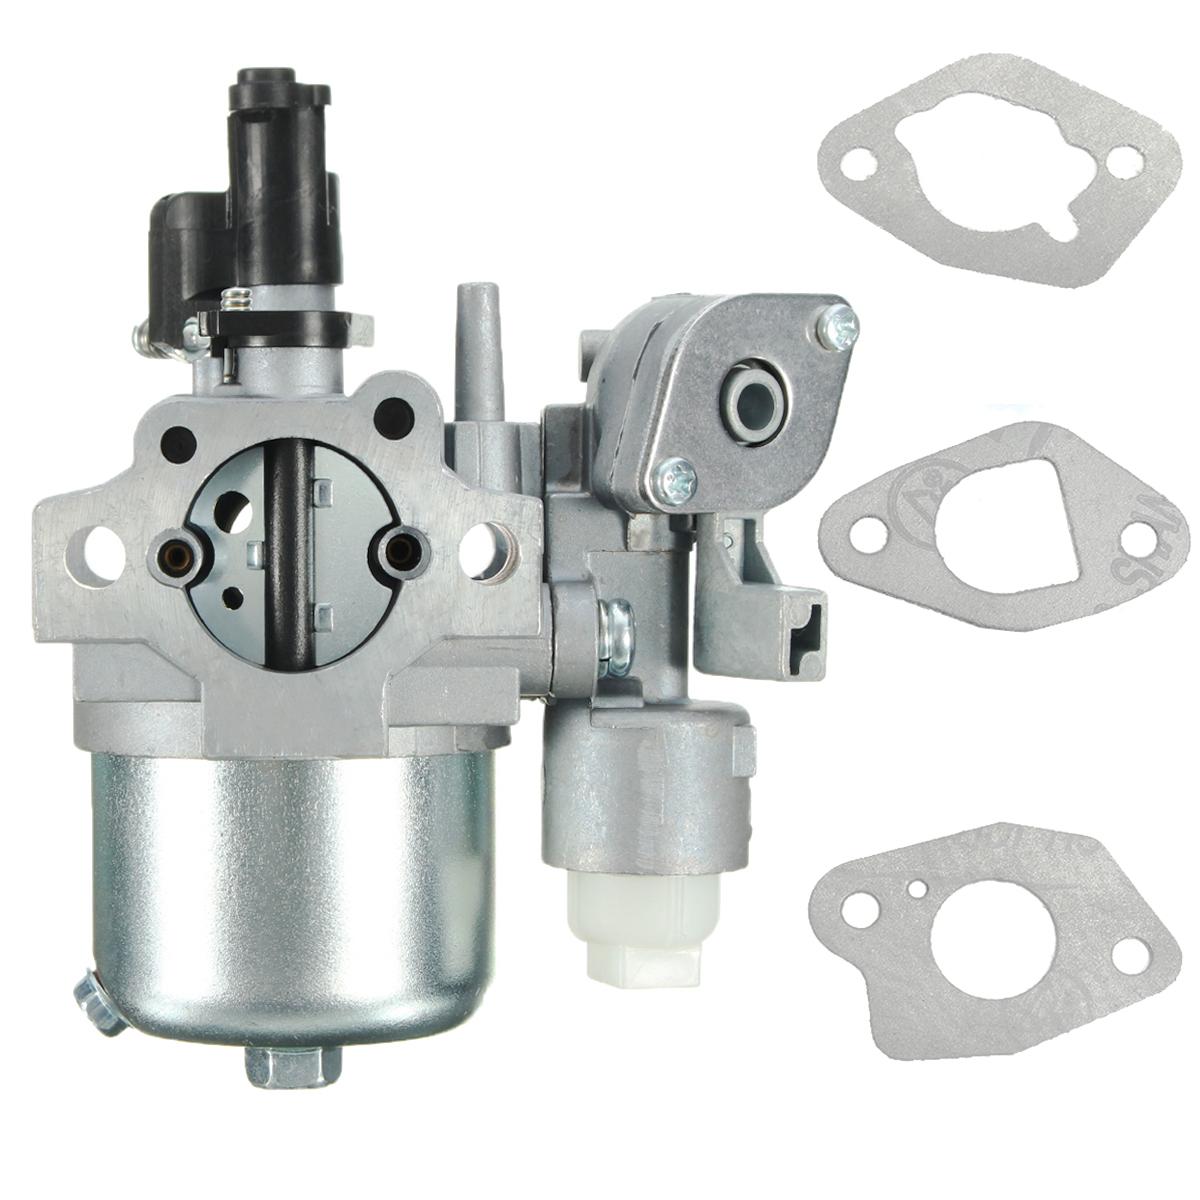 Карбюратор Carb W / Прокладки для Subaru Robin EX17 EX 17 Двигатель Мотор 277-62301-50 - фото 1